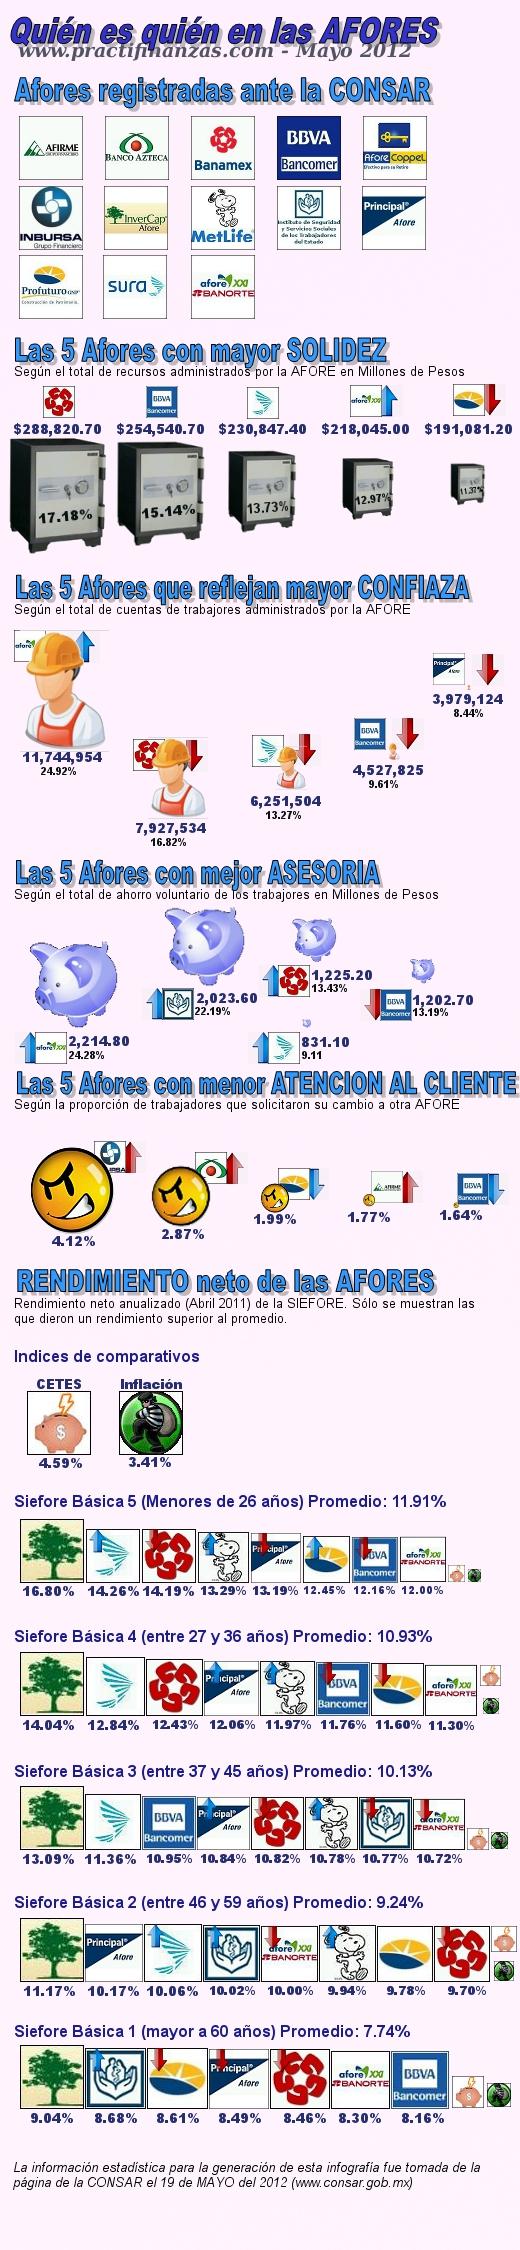 Infografía – Quién es quién en las AFORES (Mayo 2012)